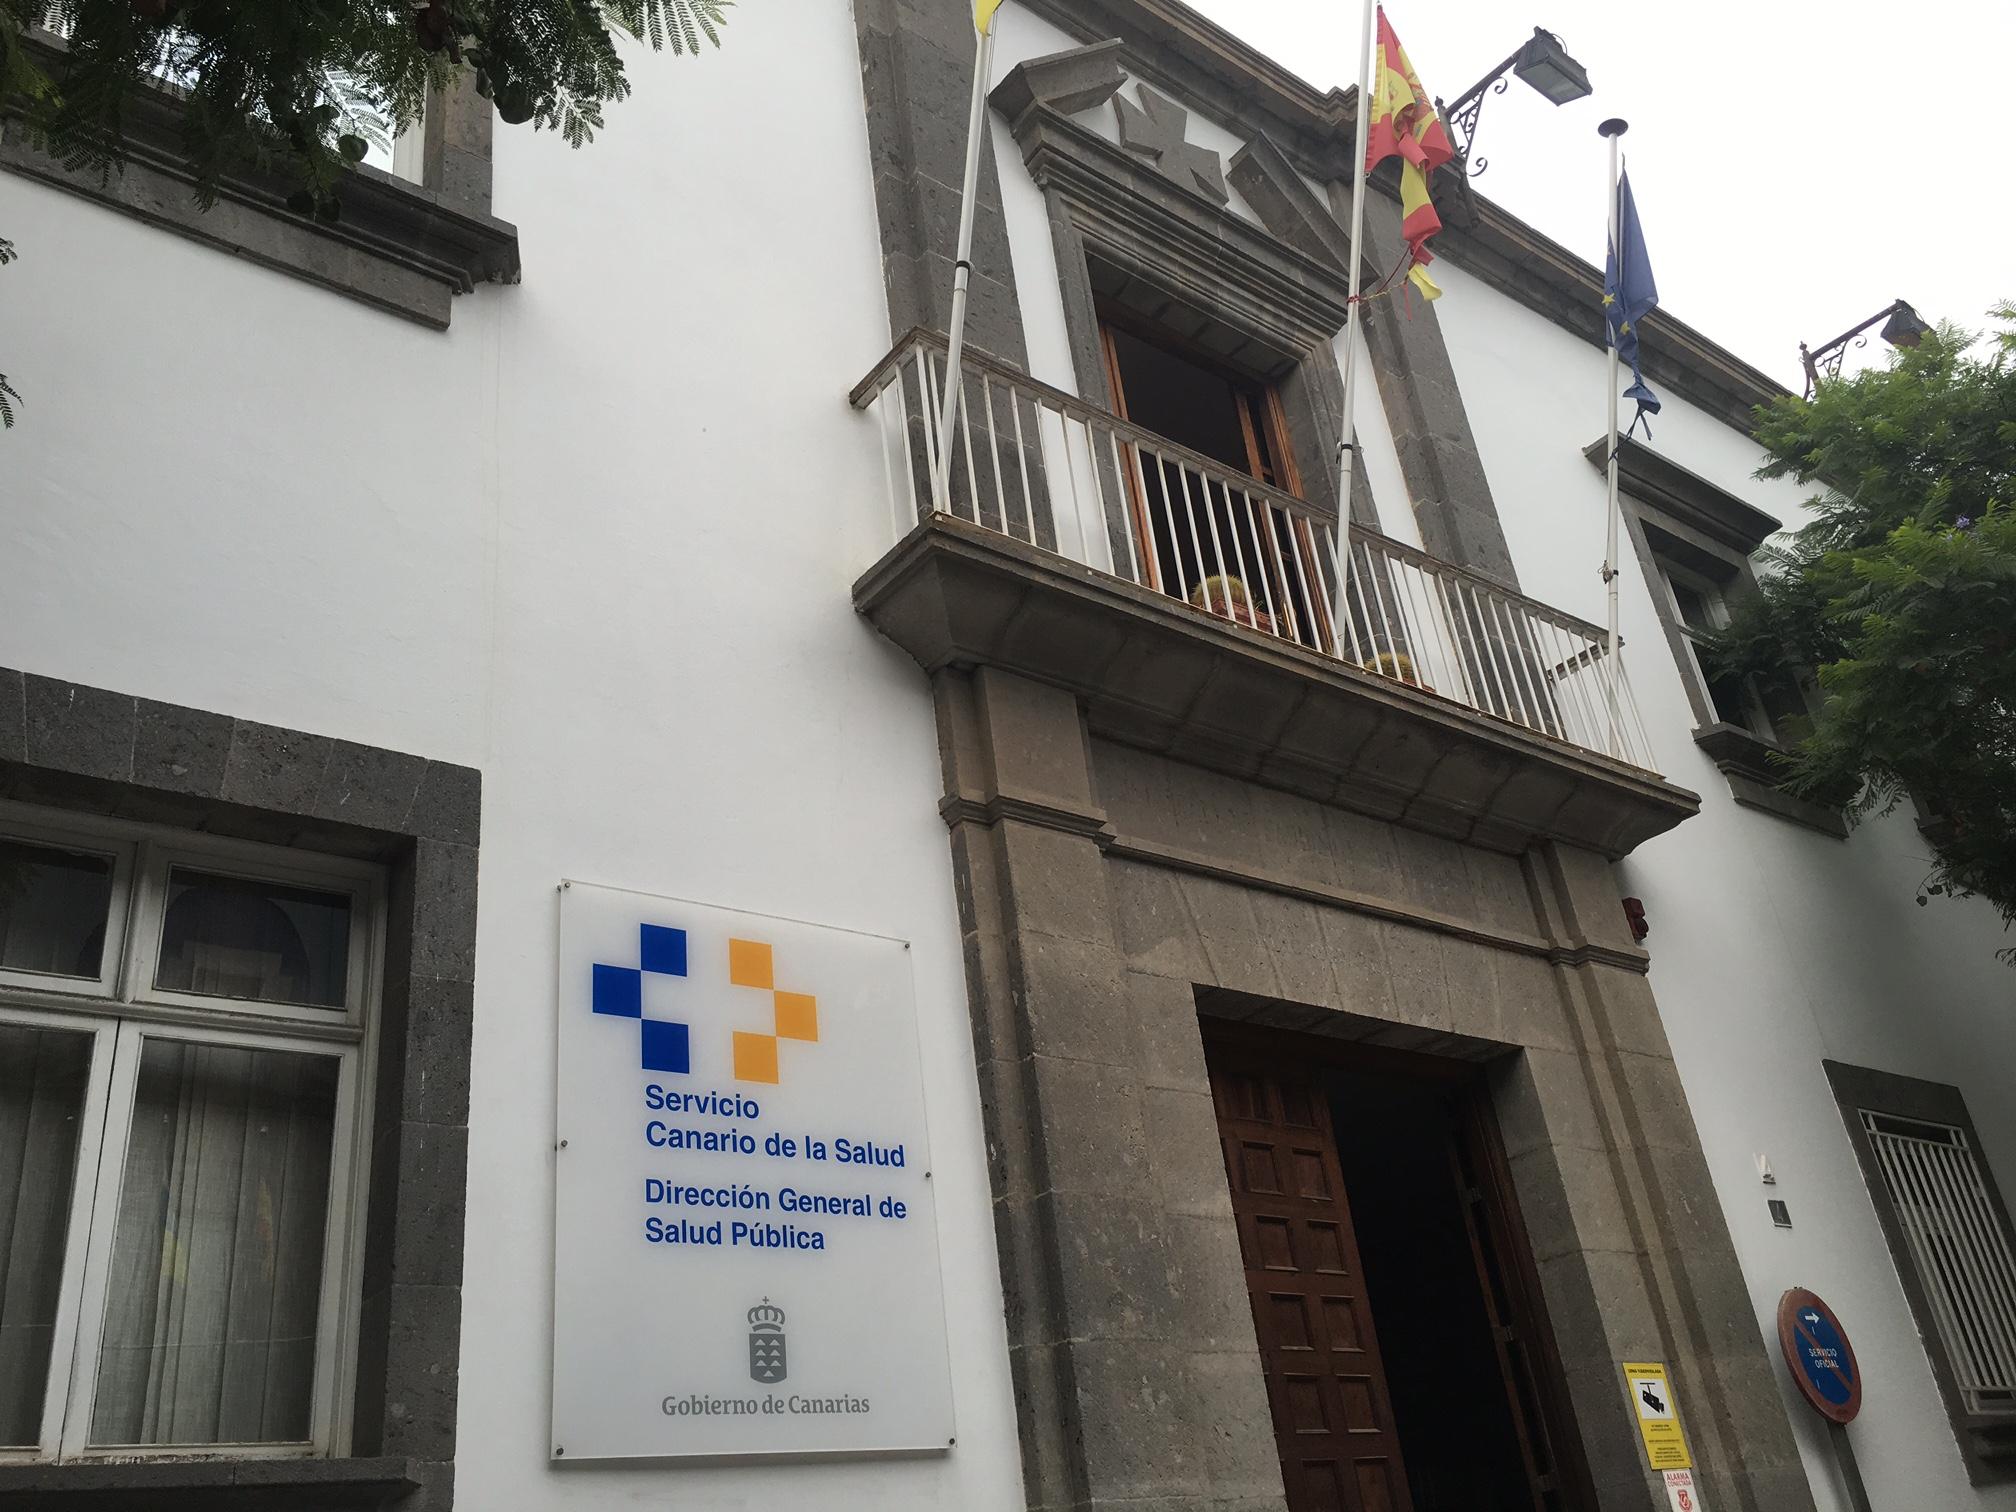 Sede de la Dirección General de Salud Pública en Las Palmas de Gran Canaria